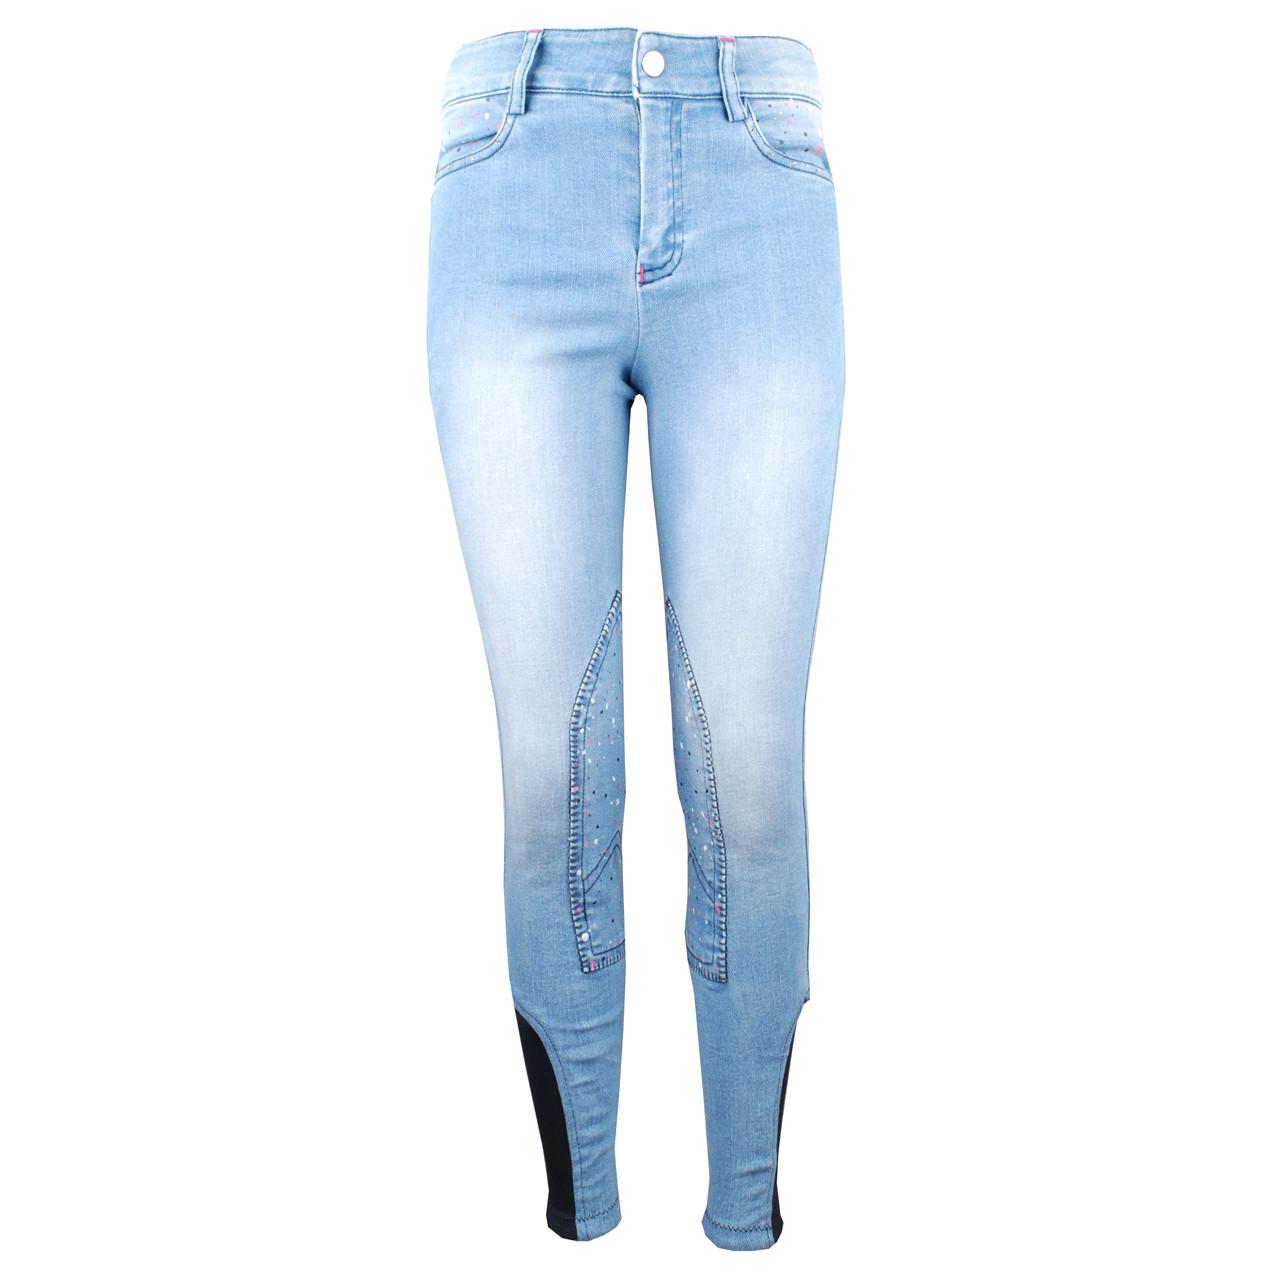 Mondoni Skills jr rijbroek jeans maat:128